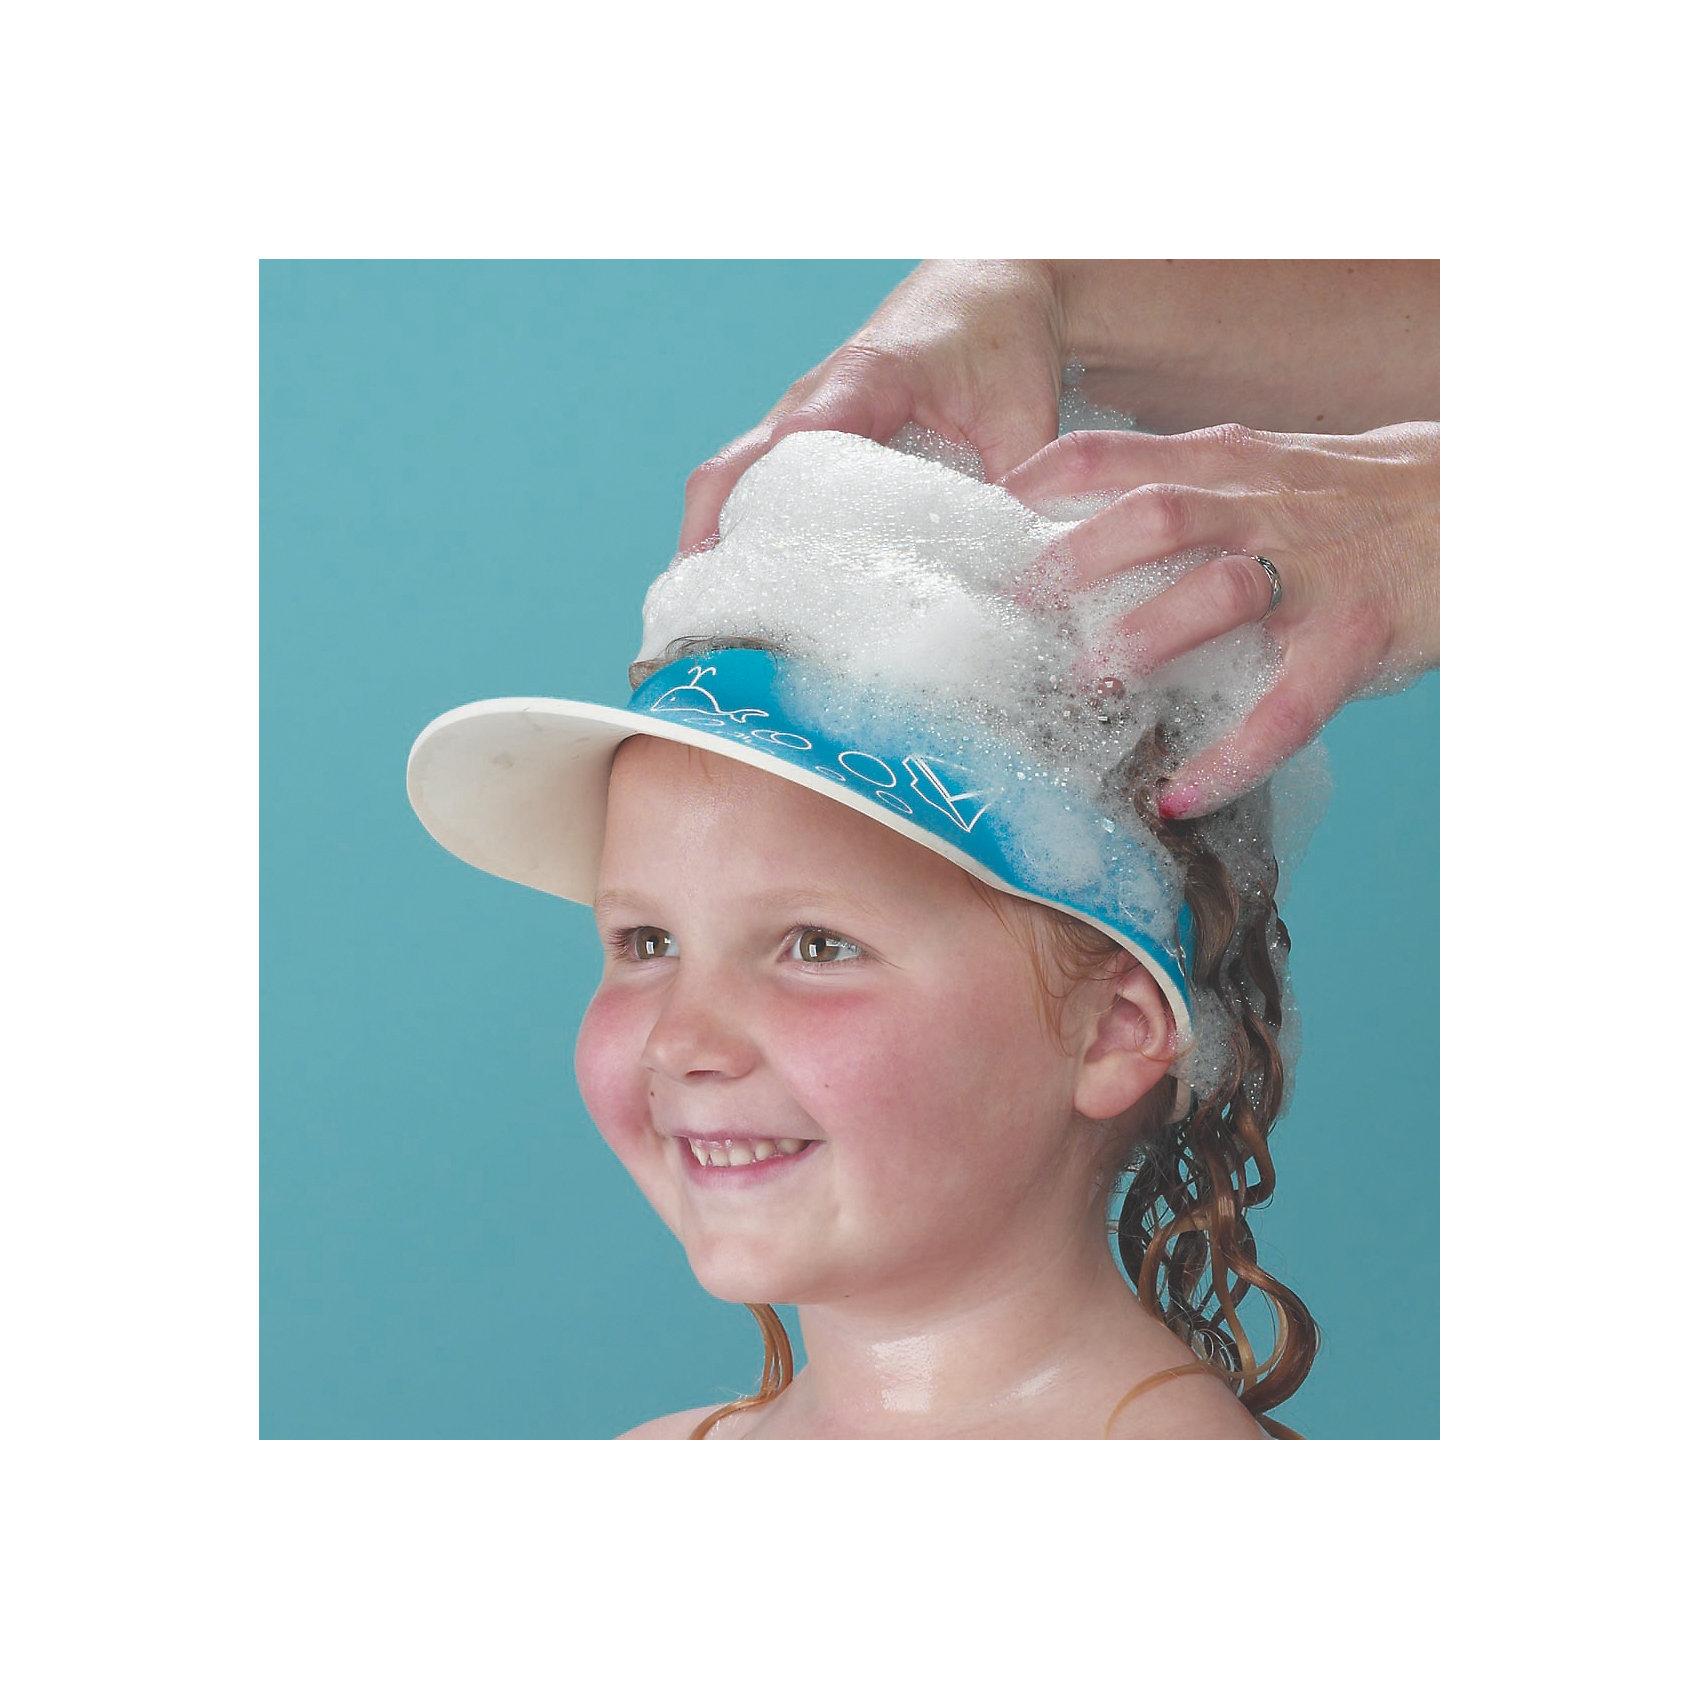 Защитный козырек для купания ребенка, Clippasafe, голубой